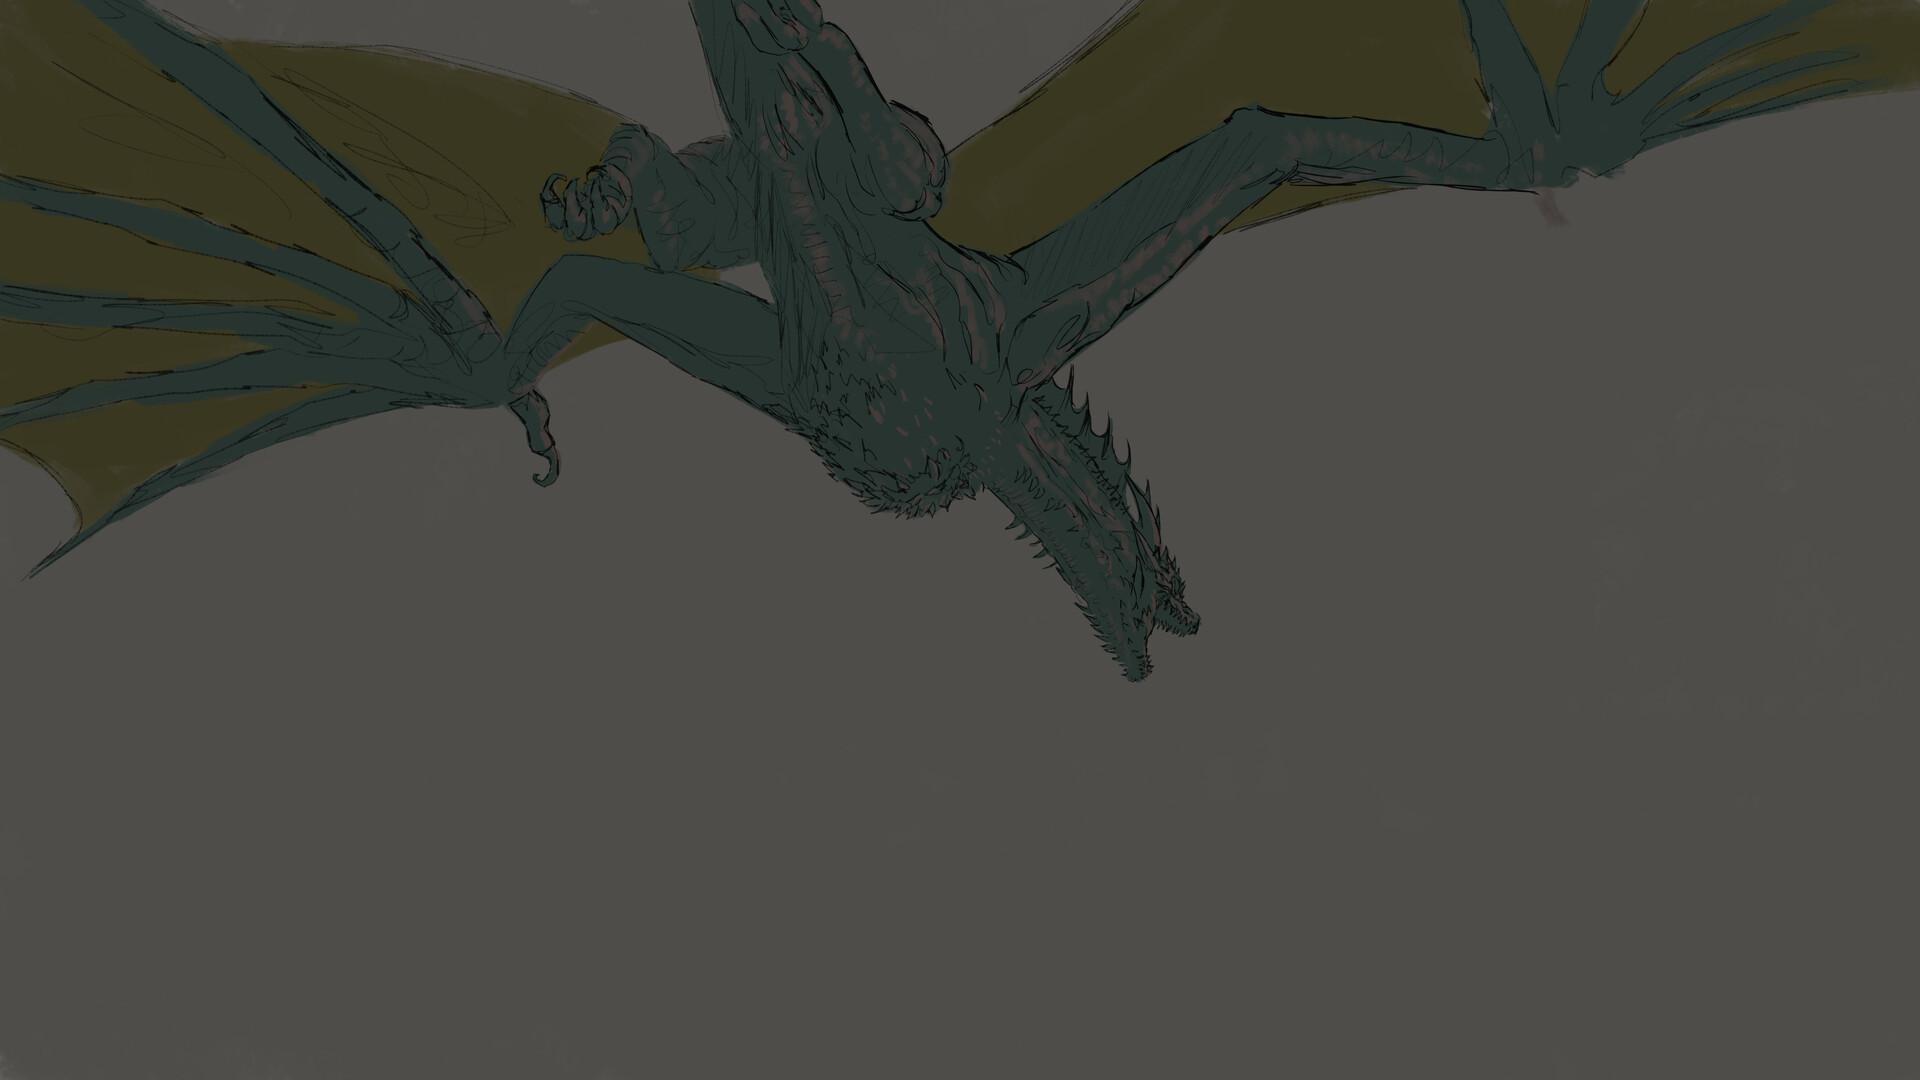 Anato finnstark 6